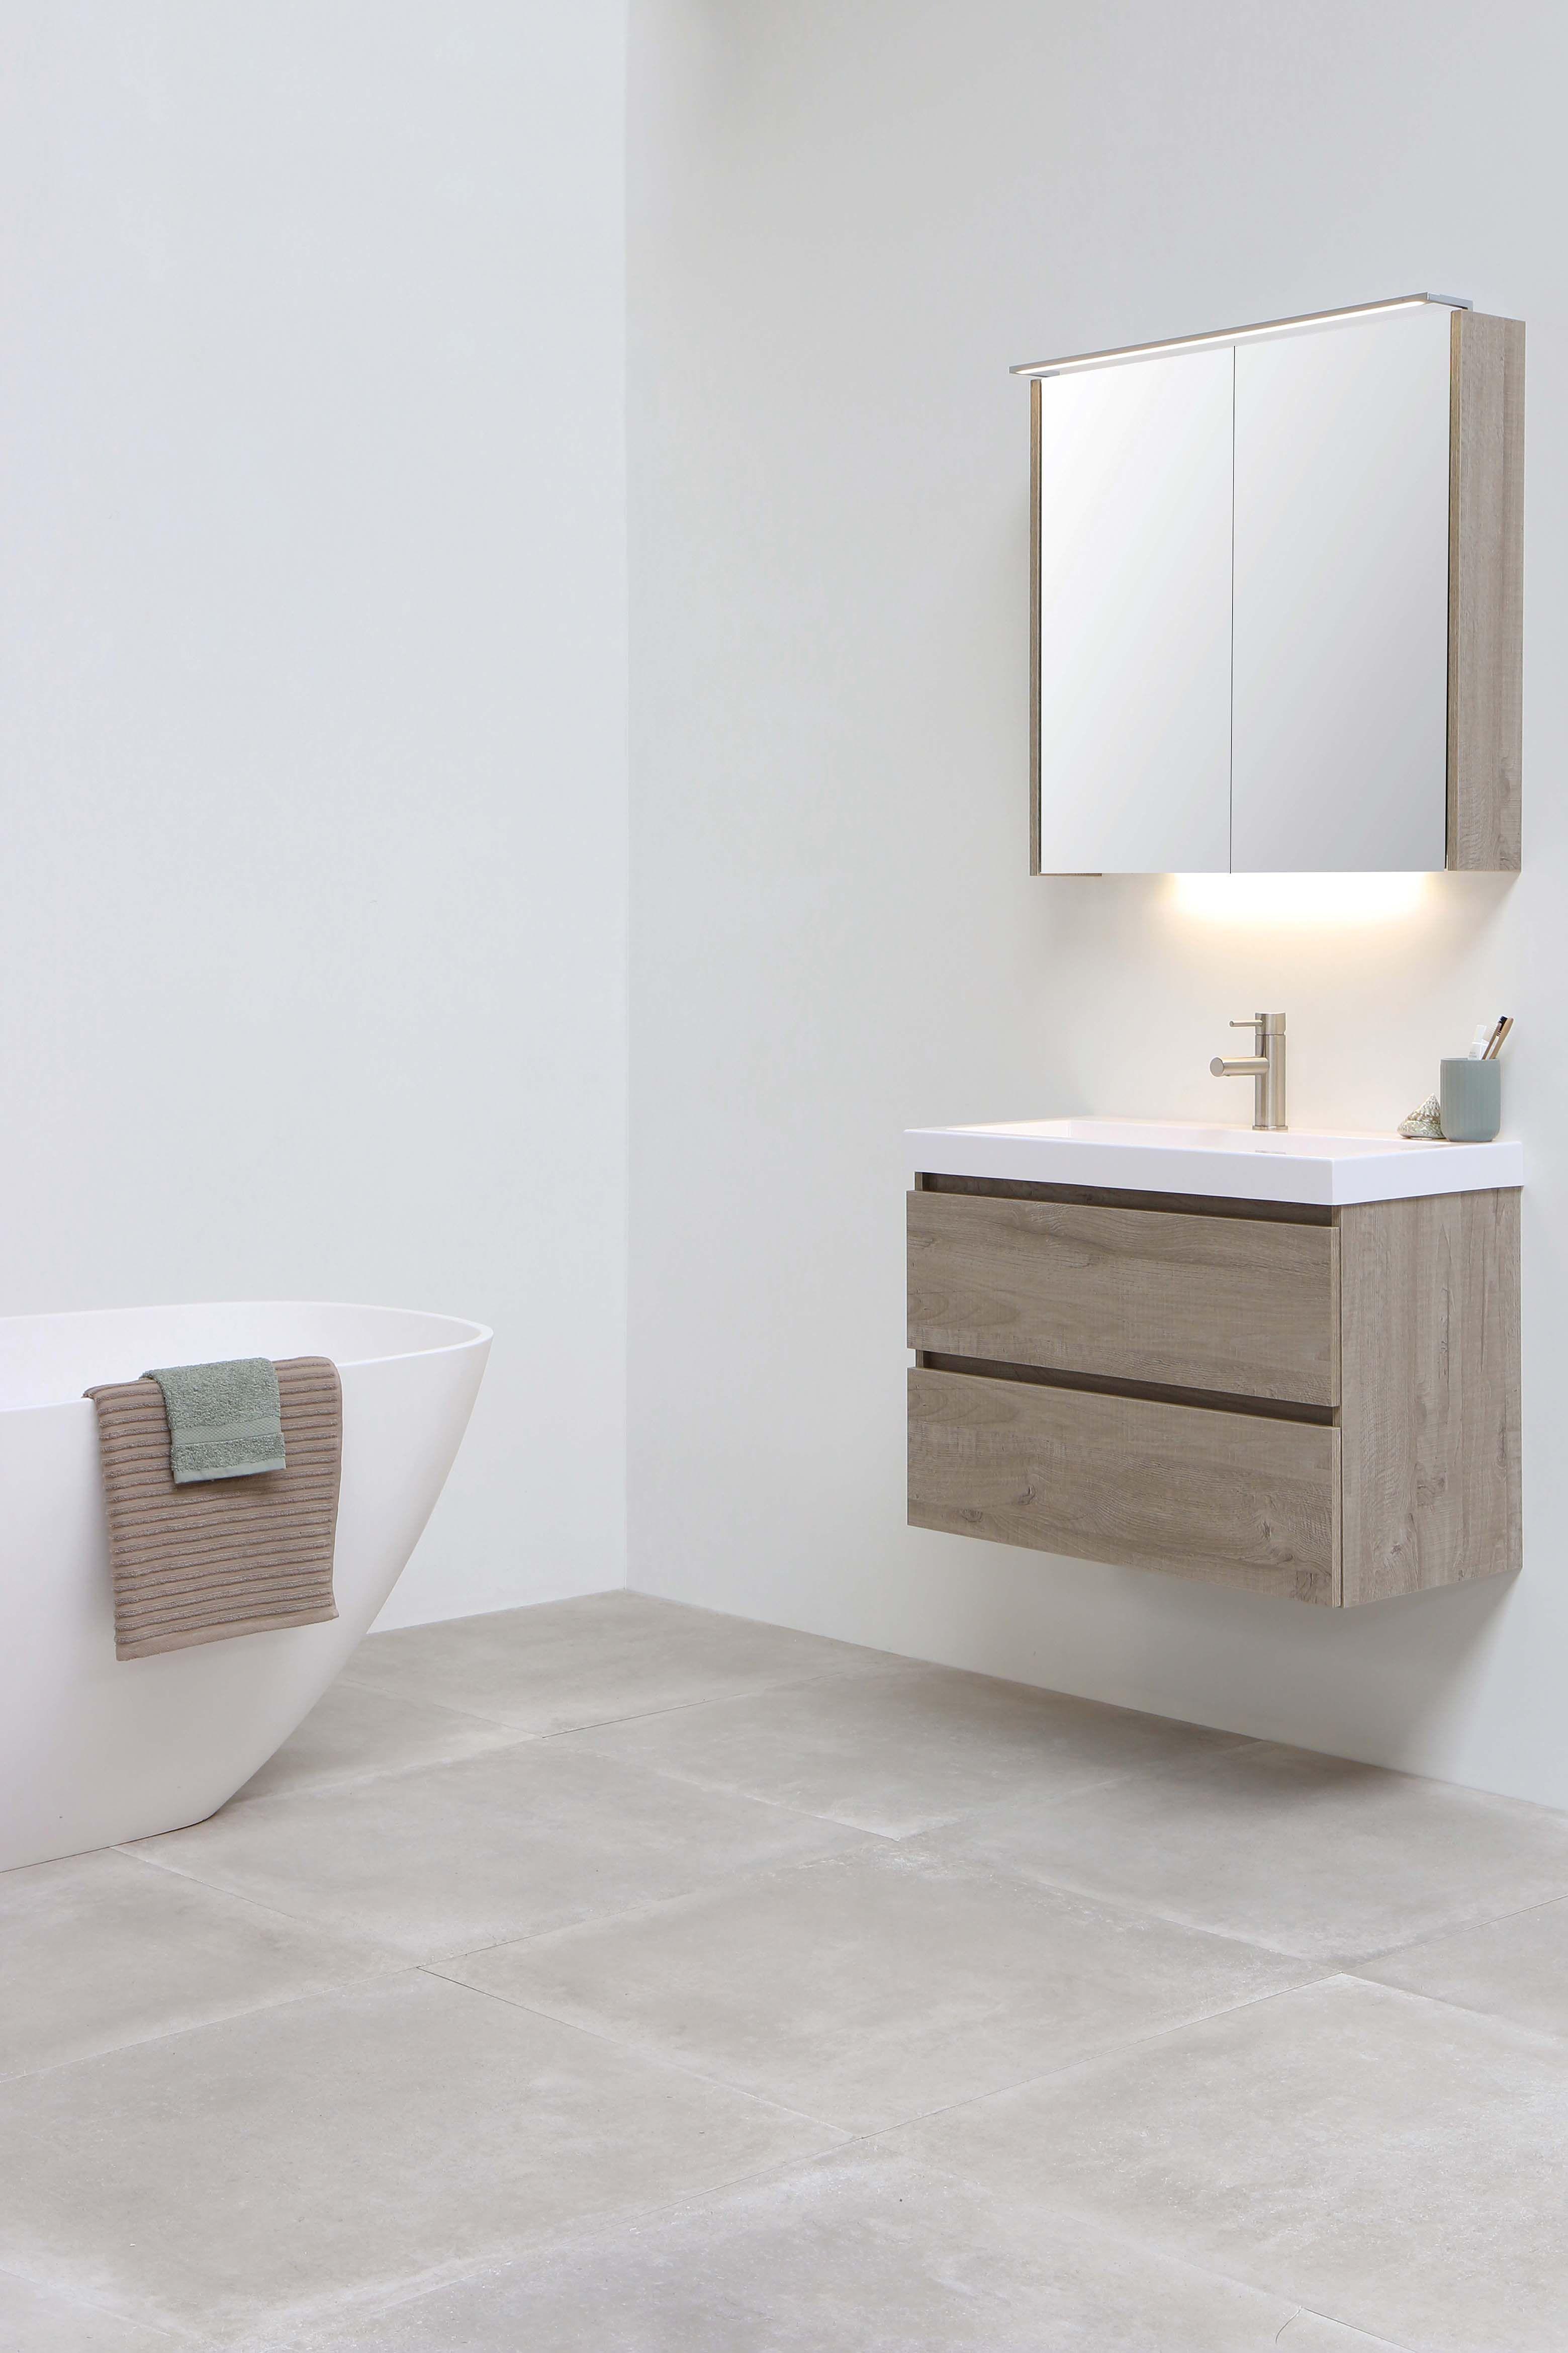 INK DOCK glans wit 80 cm onderkast houten keerlijst greige eiken badkamer wastafel